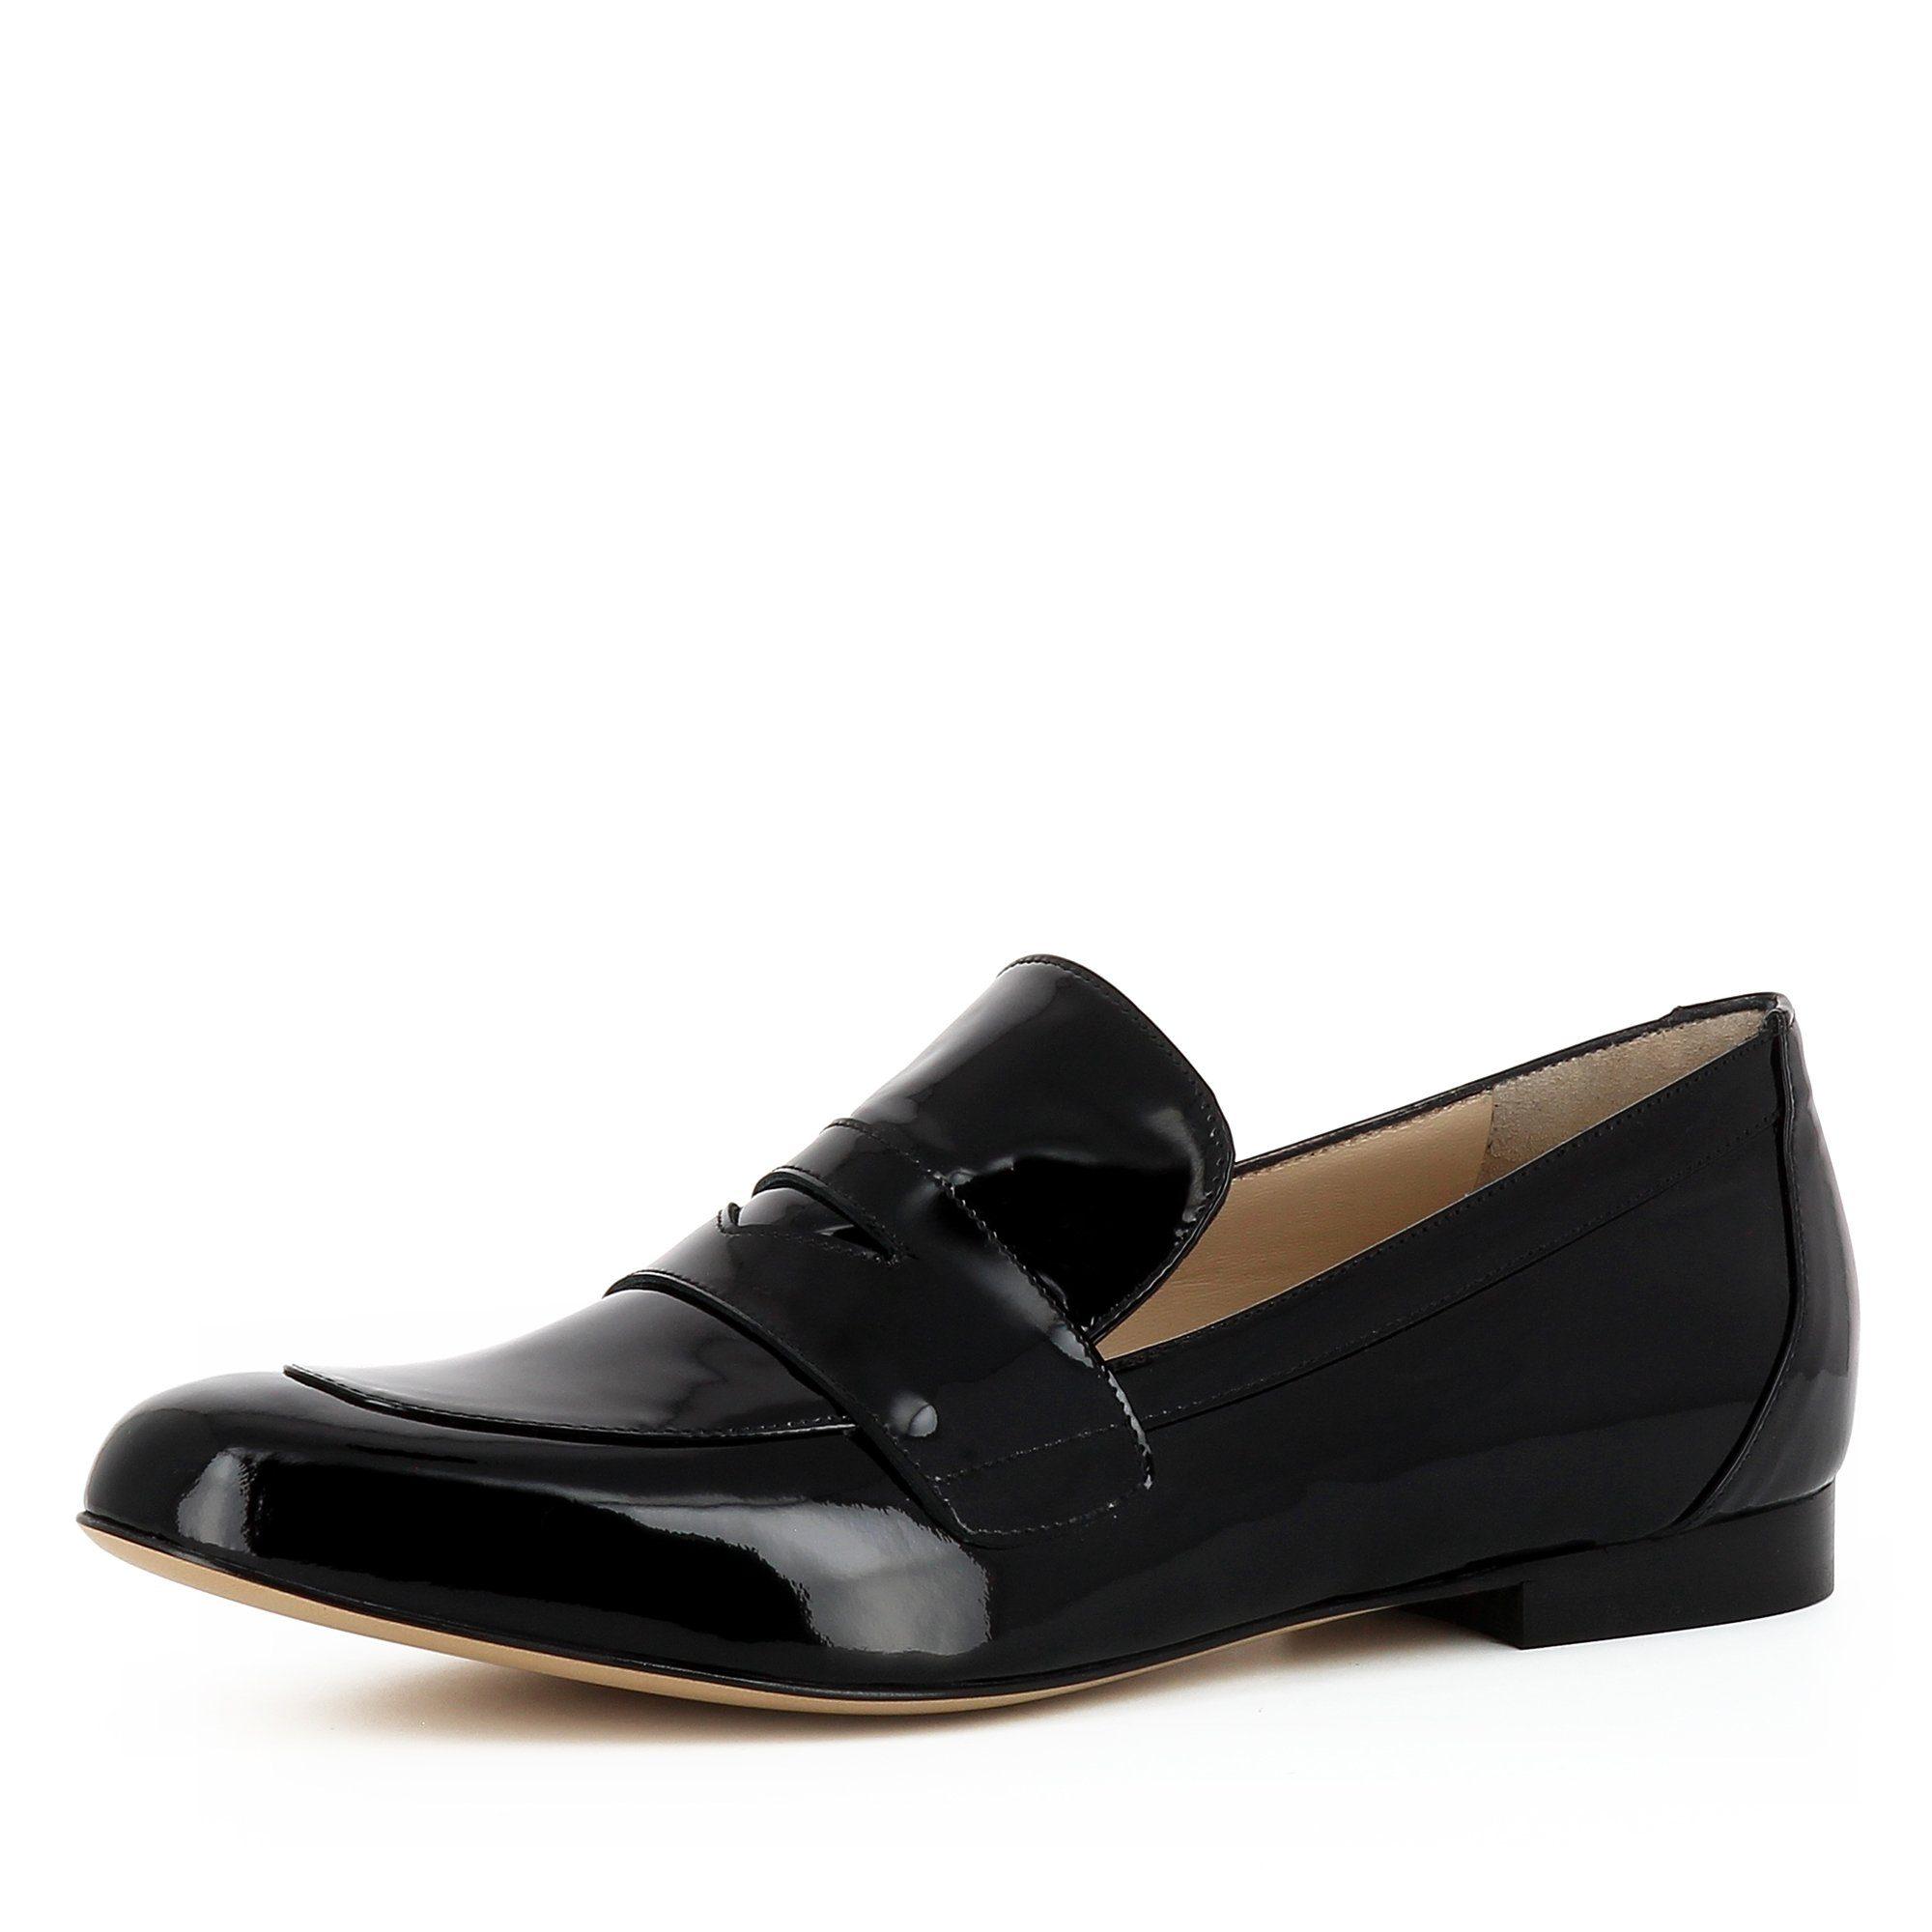 Evita PATTY Slipper online kaufen  schwarz